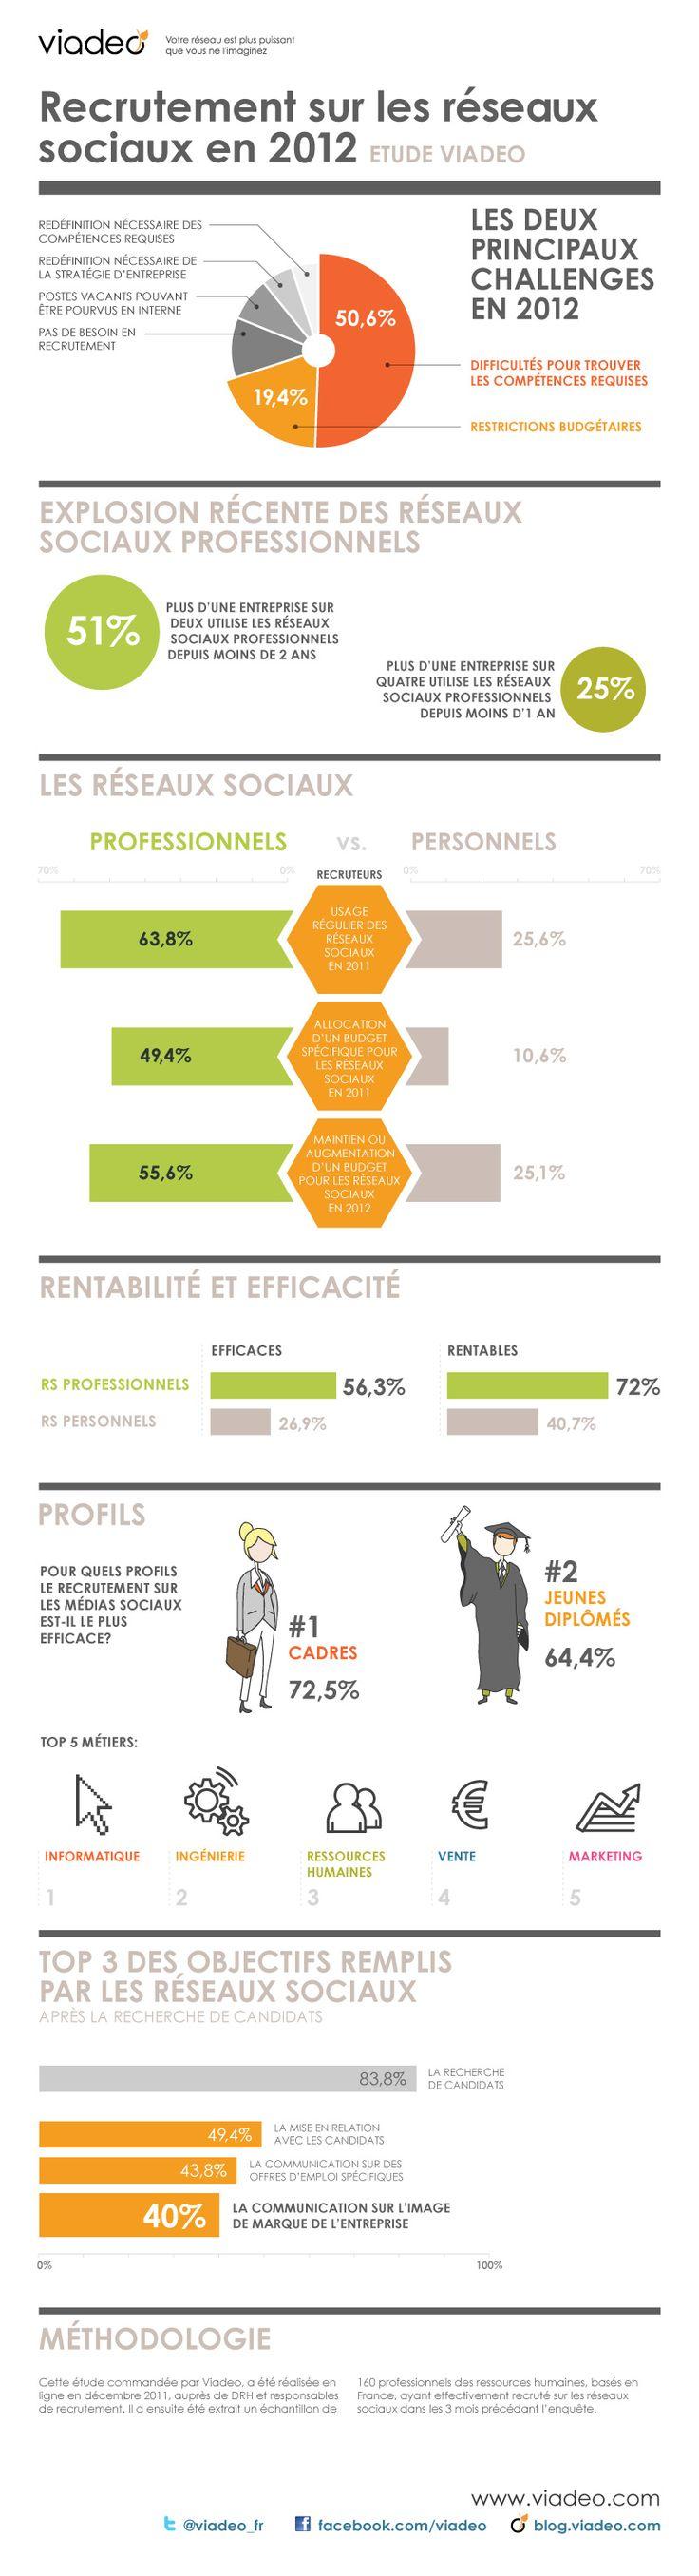 Etude #viadeo : le recrutement sur les réseaux sociaux en 2012 #infographic